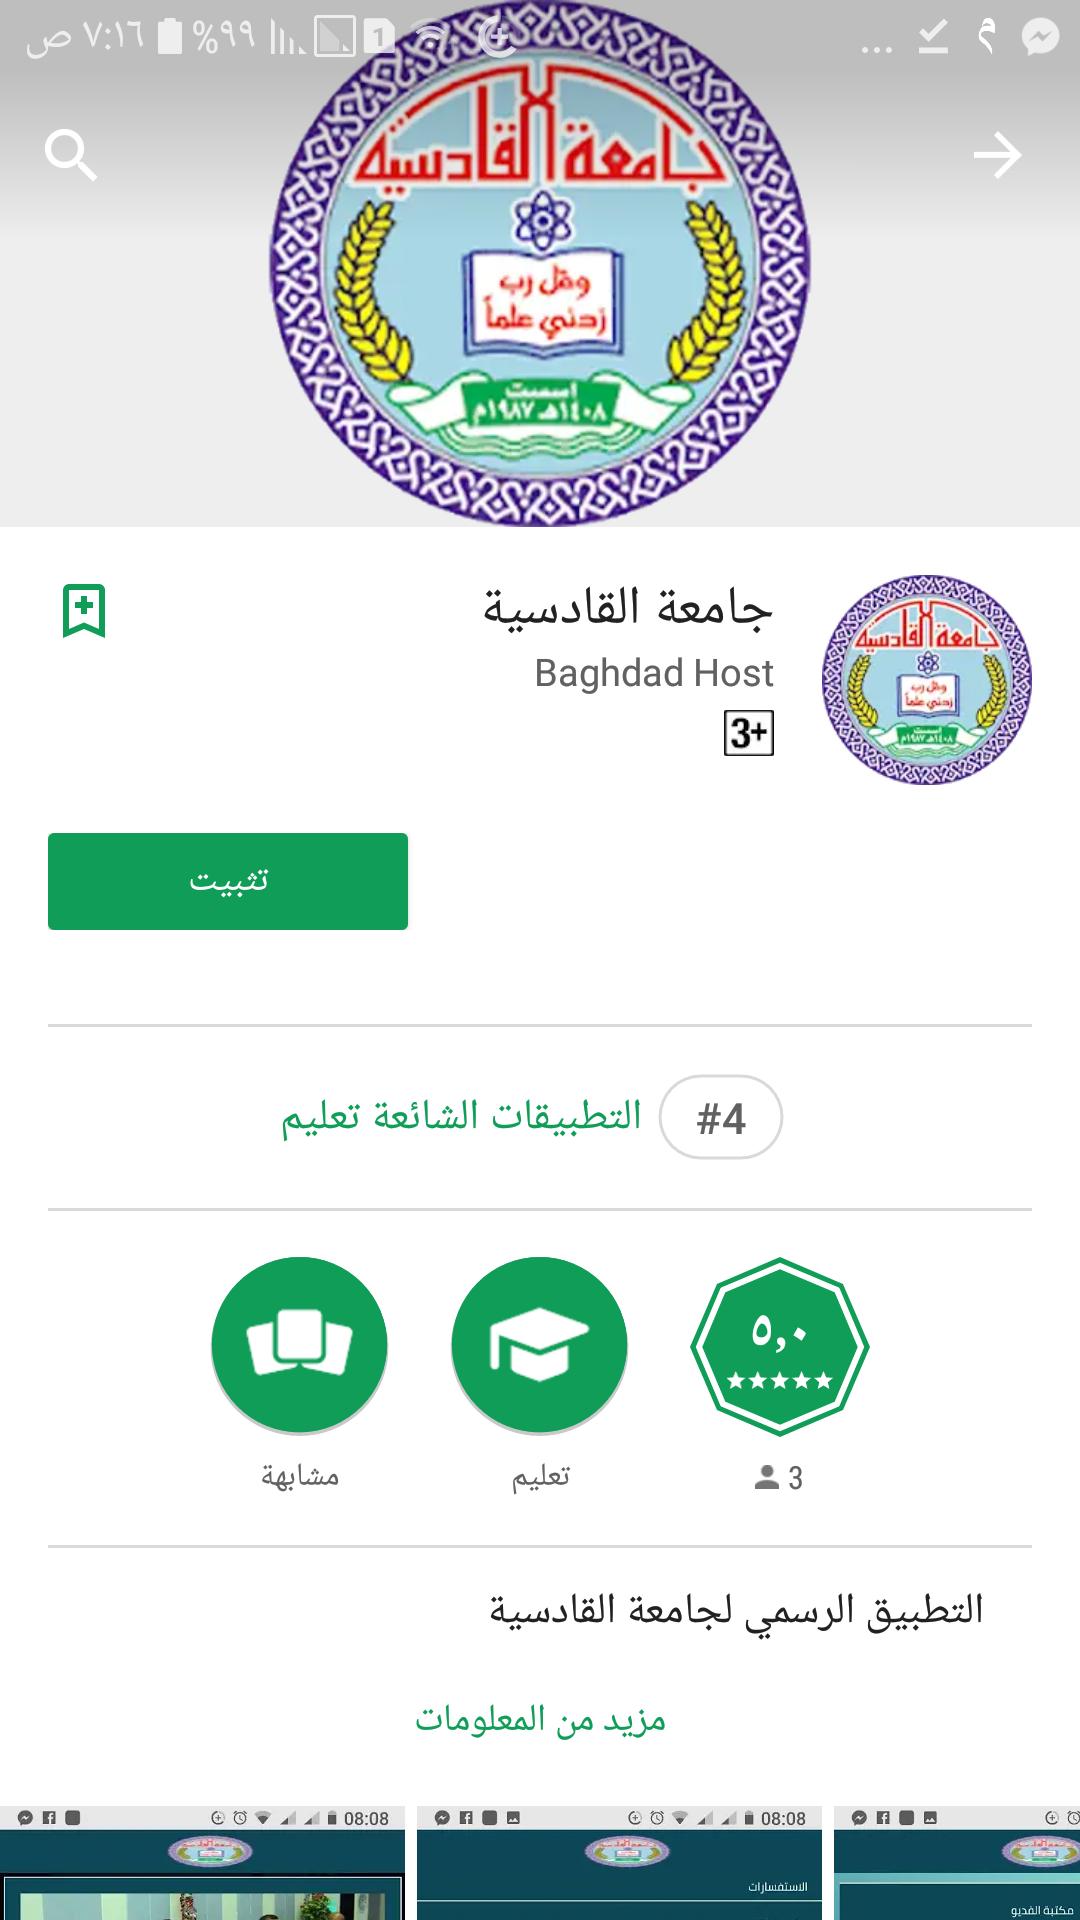 لتحميل برنامج جامعة القادسية على موبايلك